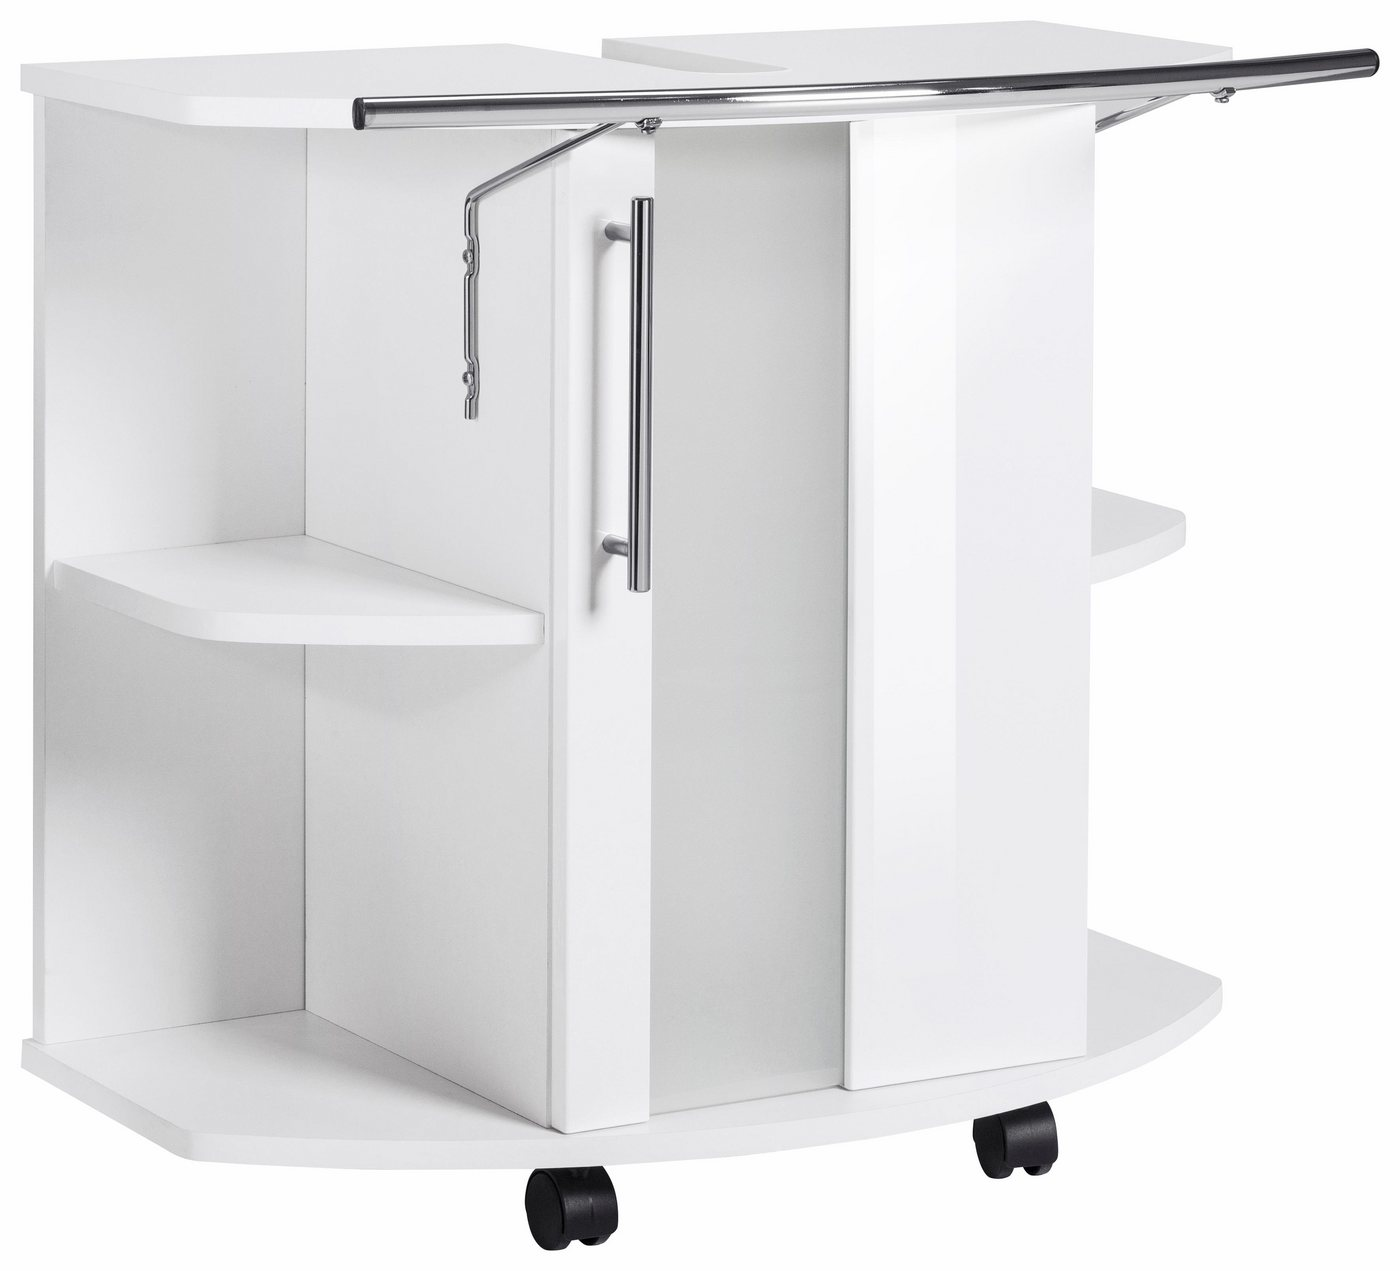 waschbeckenunterschrank auf rollen preisvergleiche. Black Bedroom Furniture Sets. Home Design Ideas